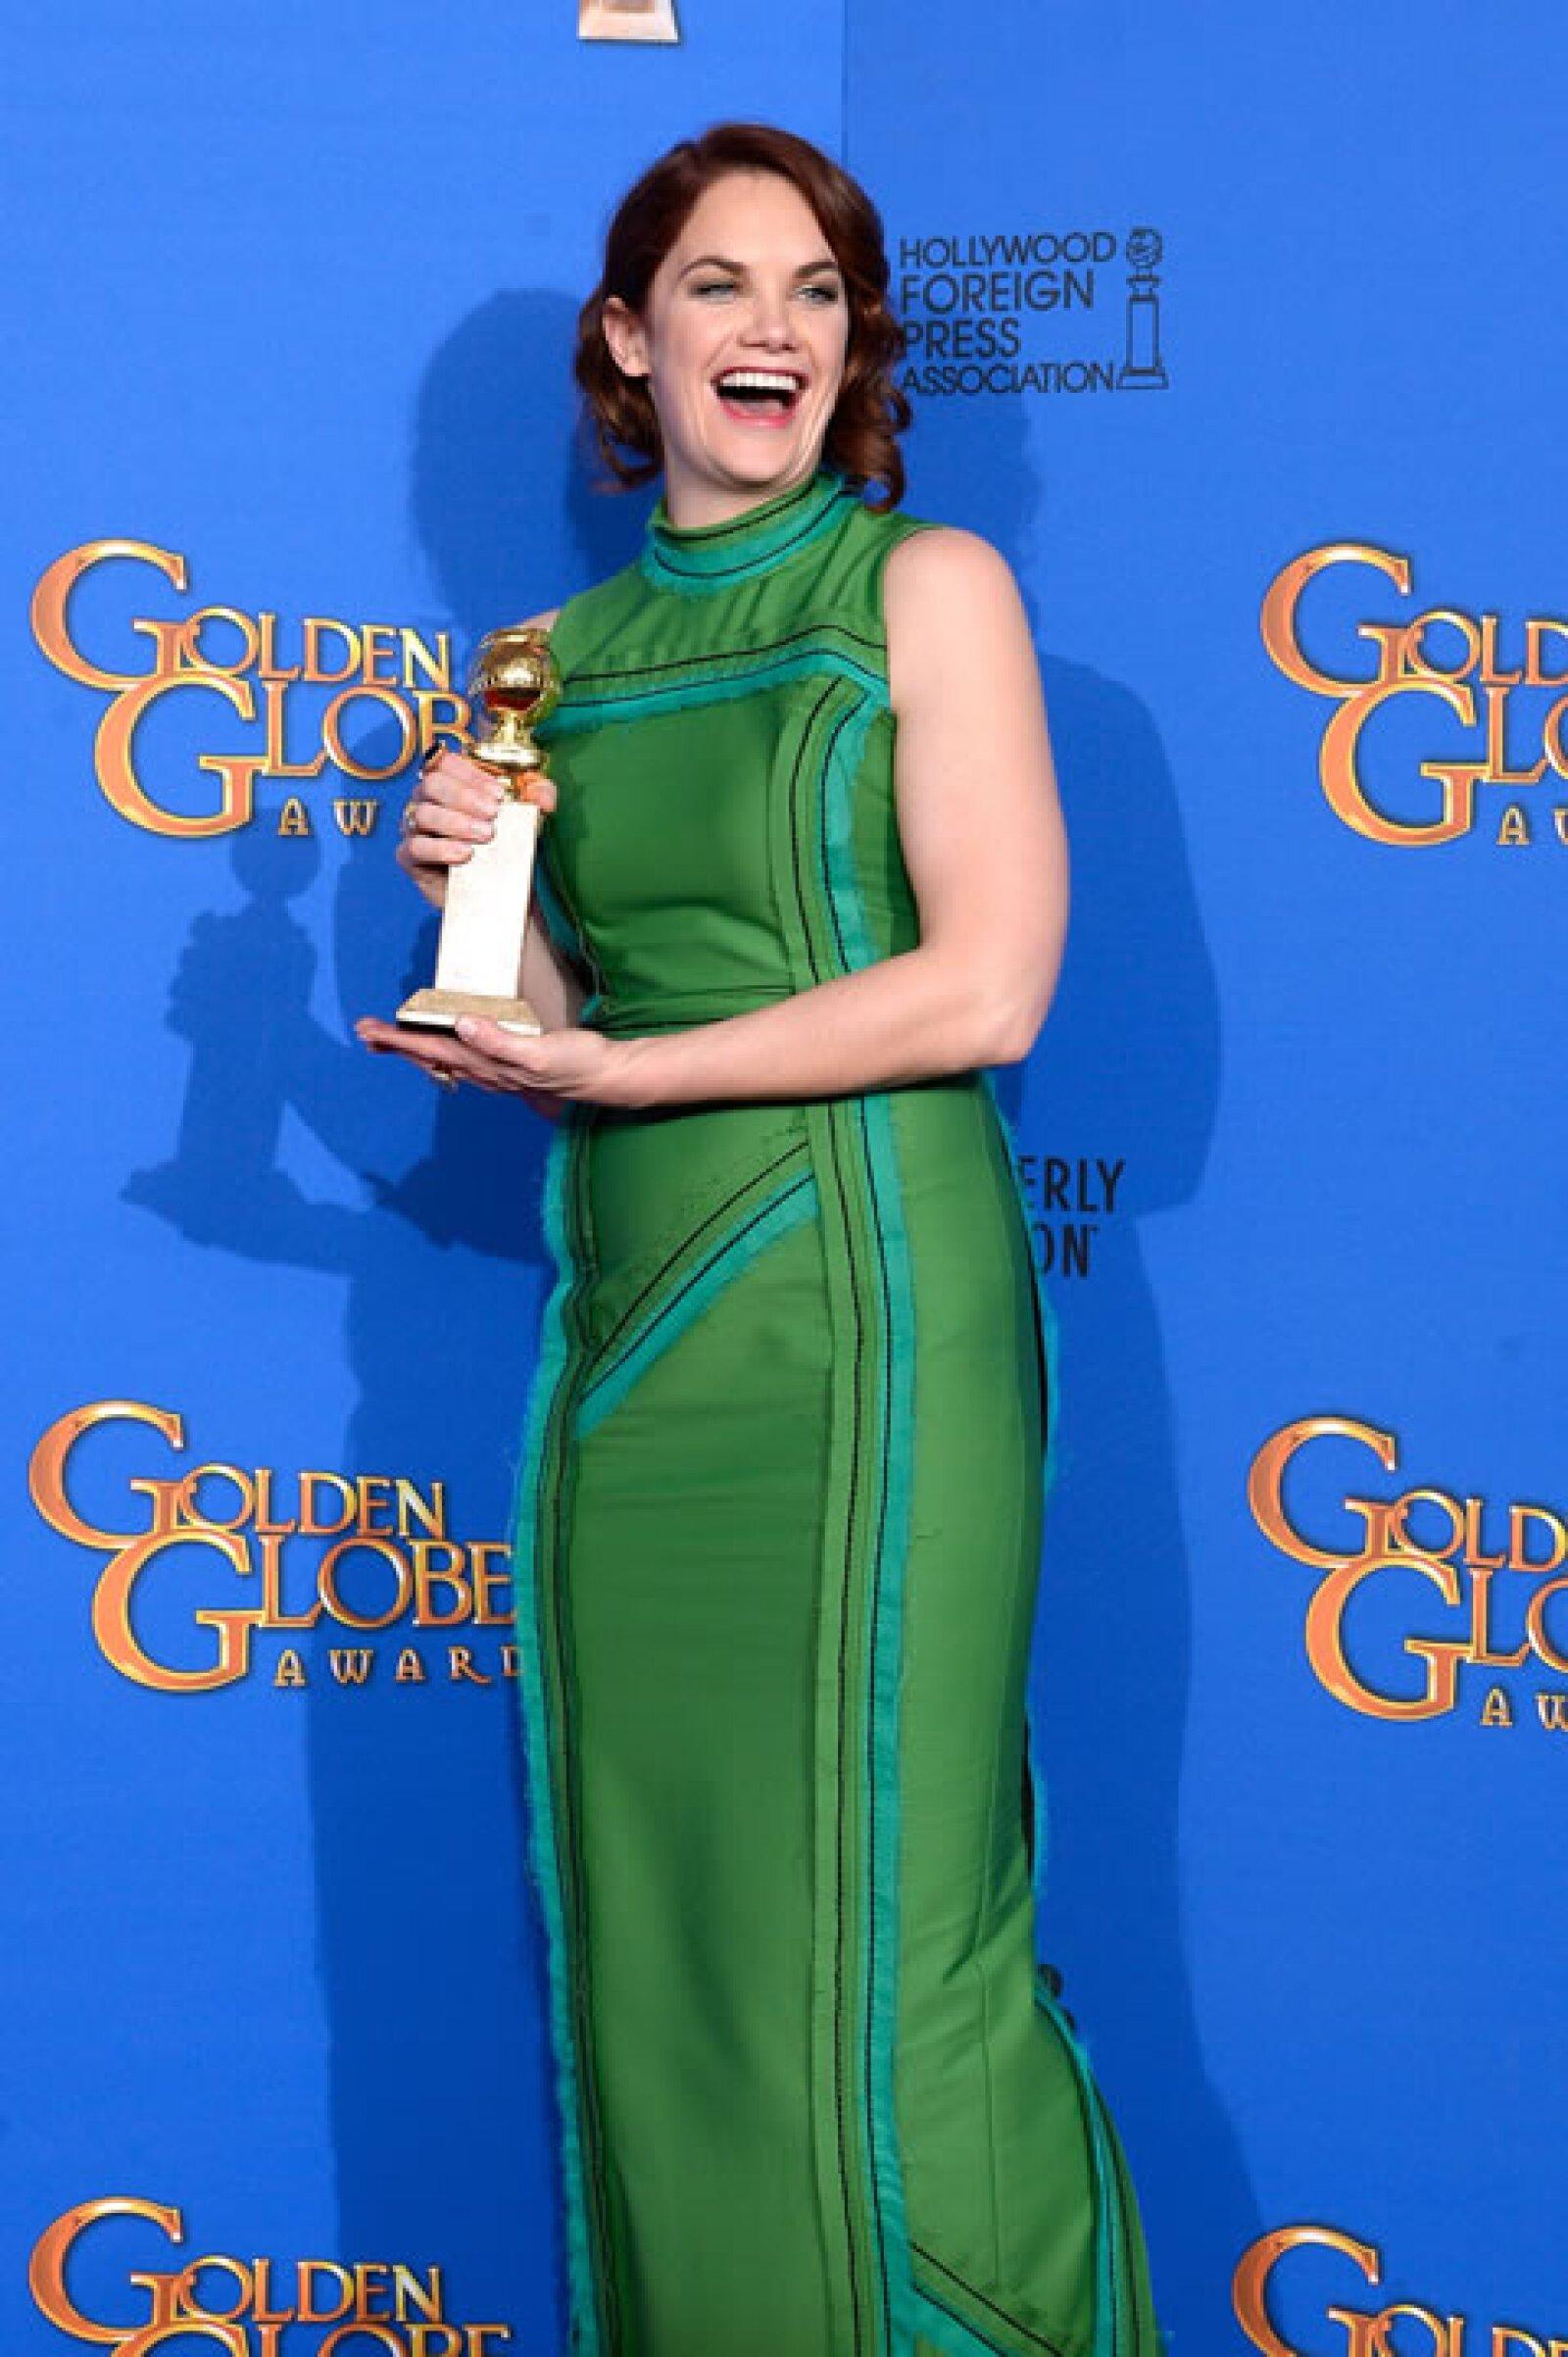 La artista Ruth Wilson fue la Mejor Actriz en Serie de Drama por The Affair.